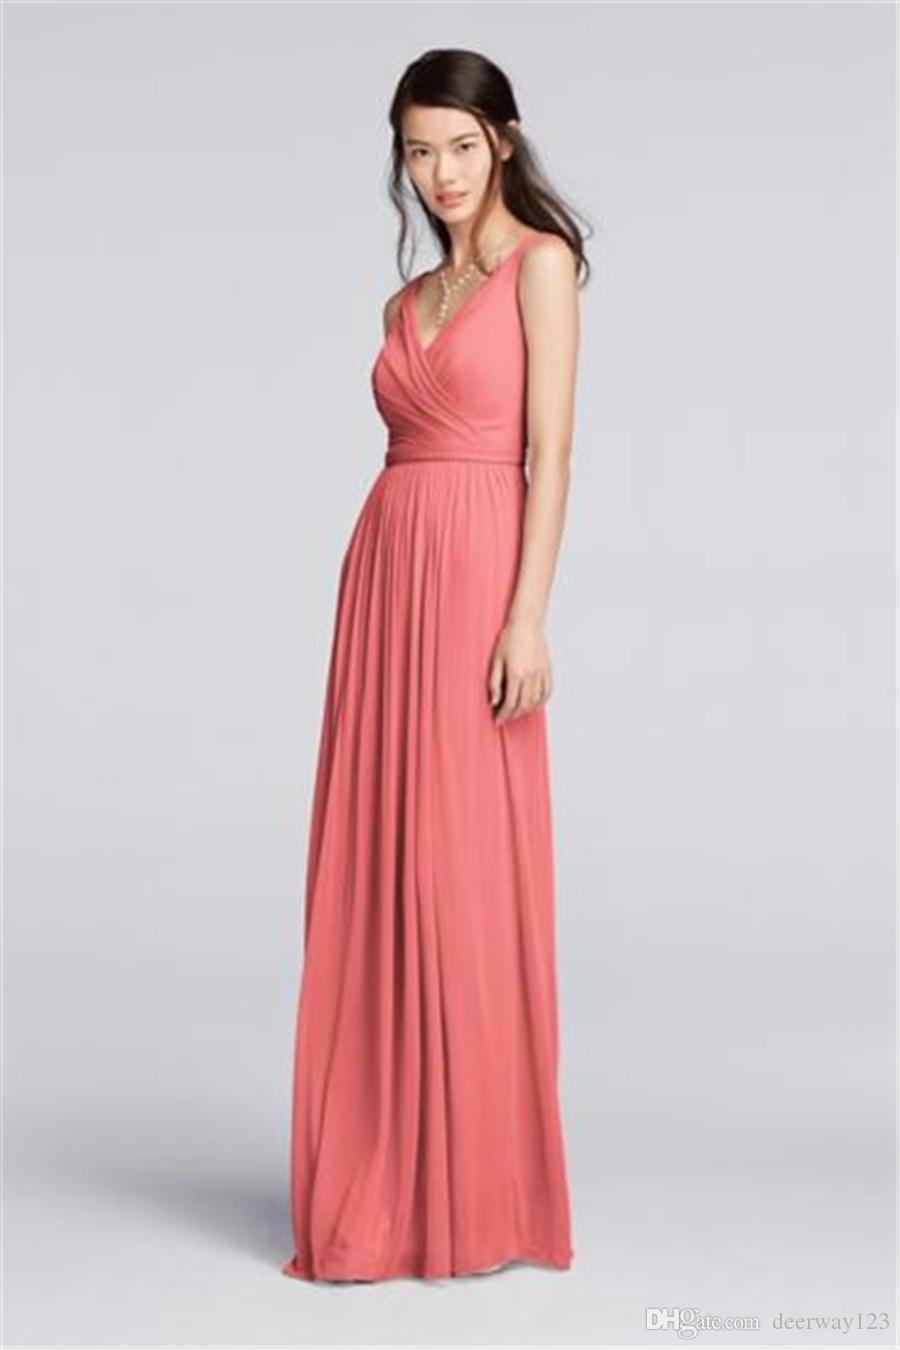 Kleider Abendkleider Lange V Sleeveless Chiffon Party Abendkleid Koralle Brautjunfer Mit F18056 Wedding Ansatz Gurt Dress uKJcTlF13